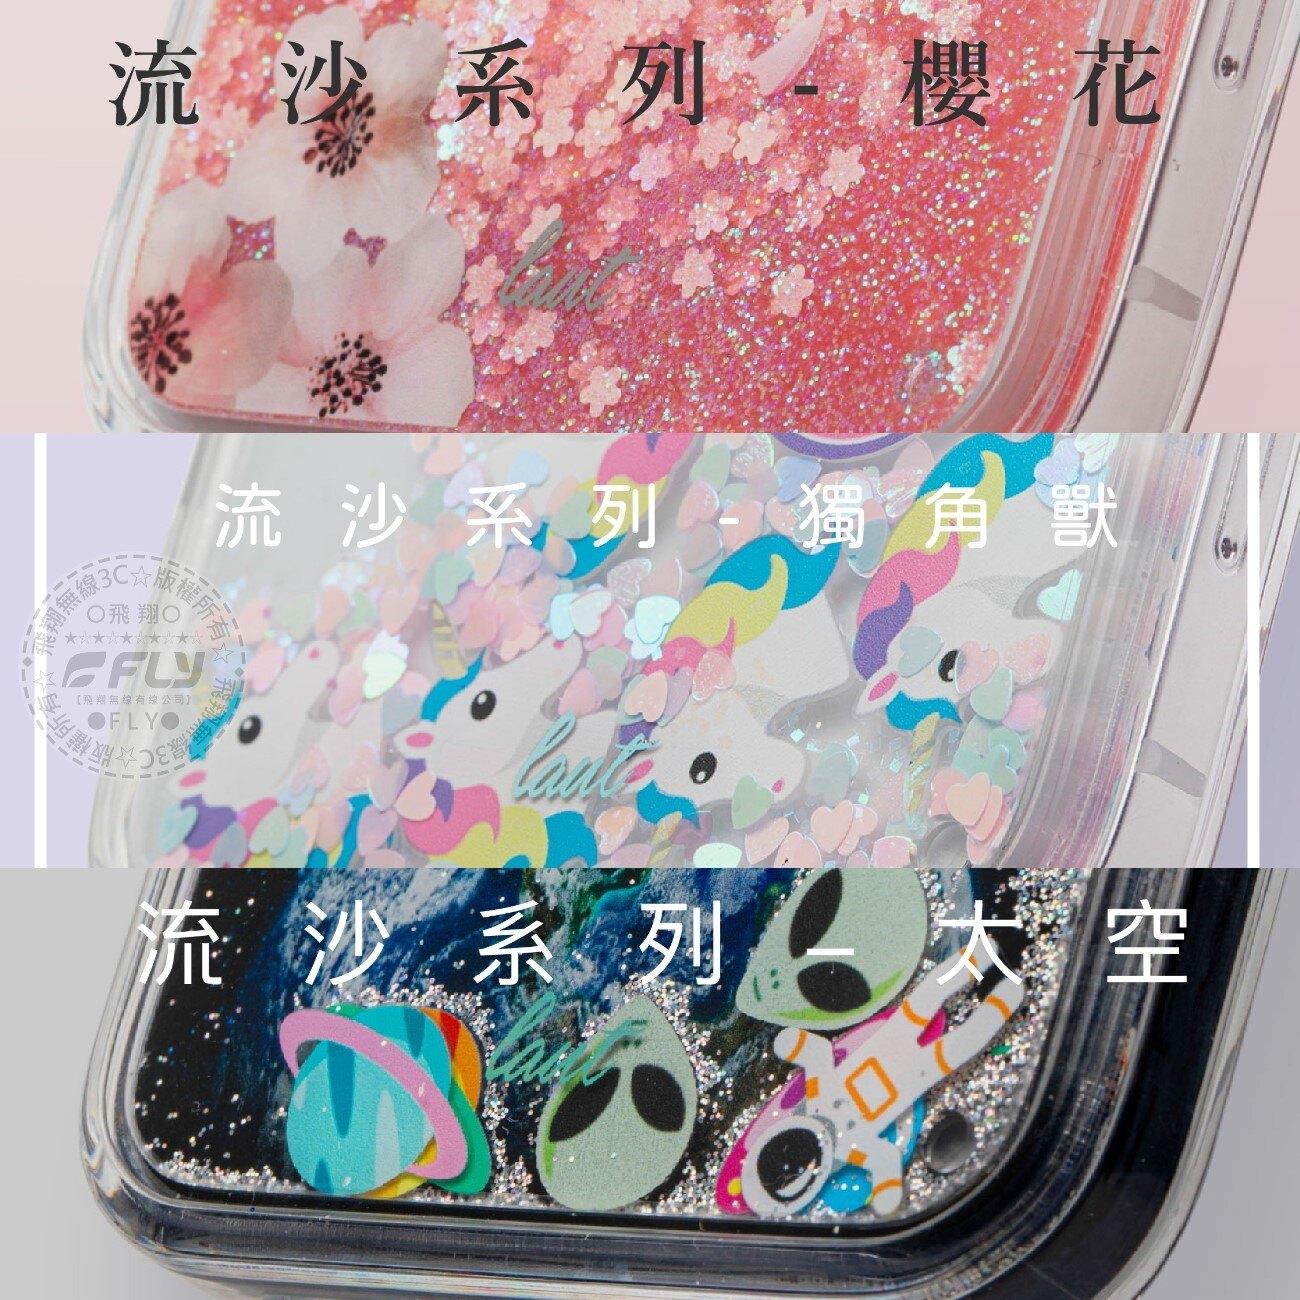 《飛翔無線3C》LAUT LIQUID GLITTER iPhone 12 / 12 Pro 流沙手機保護殼 6.1吋